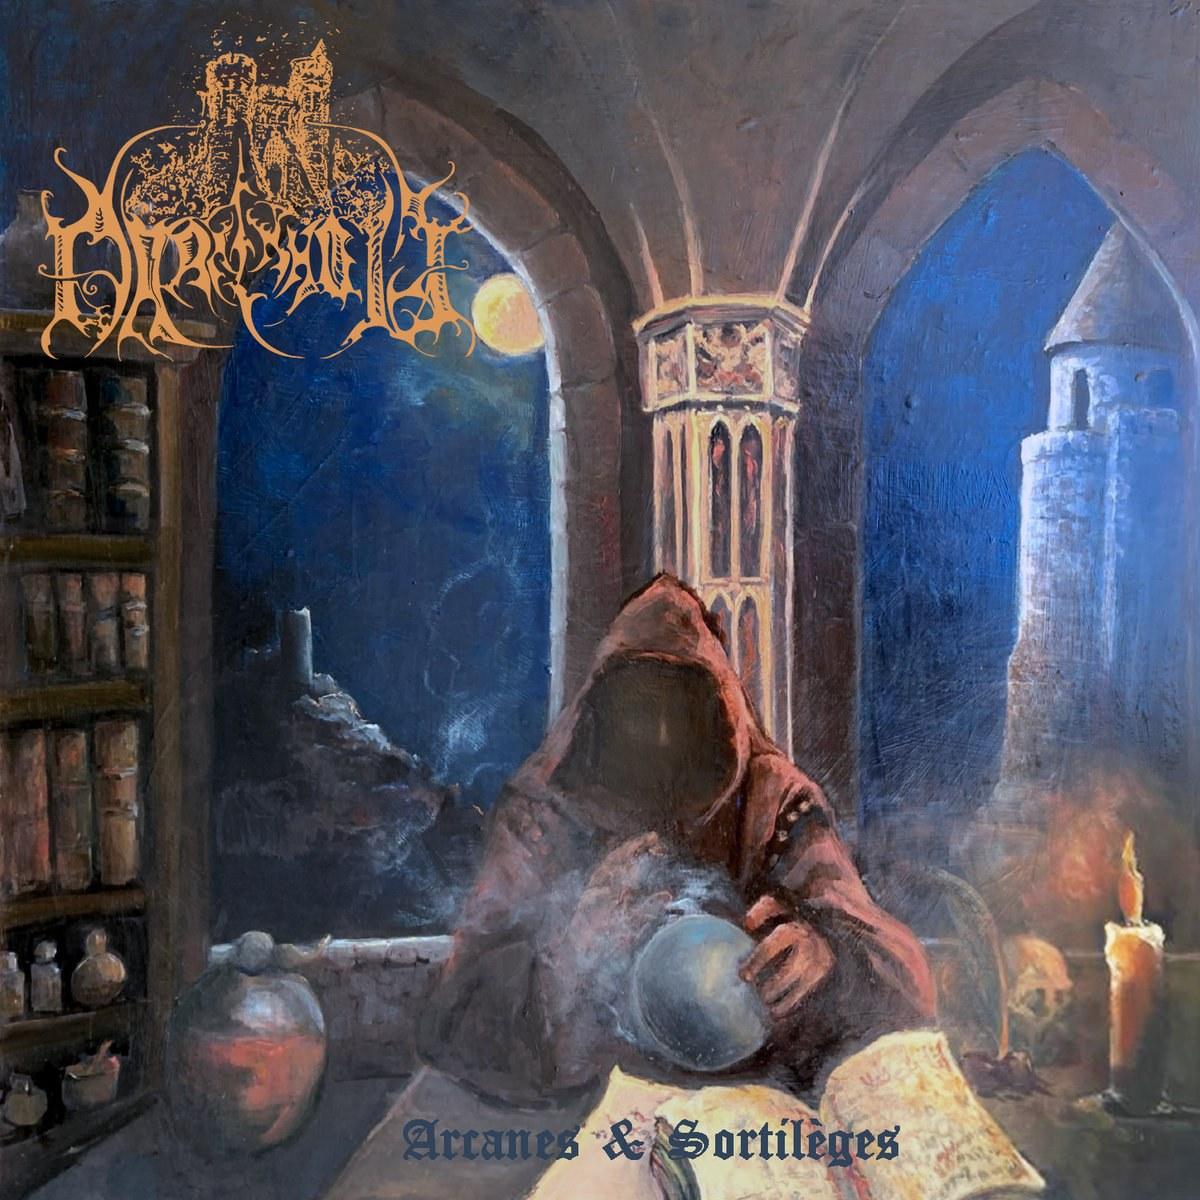 Reviews for Darkenhöld - Arcanes & Sortilèges